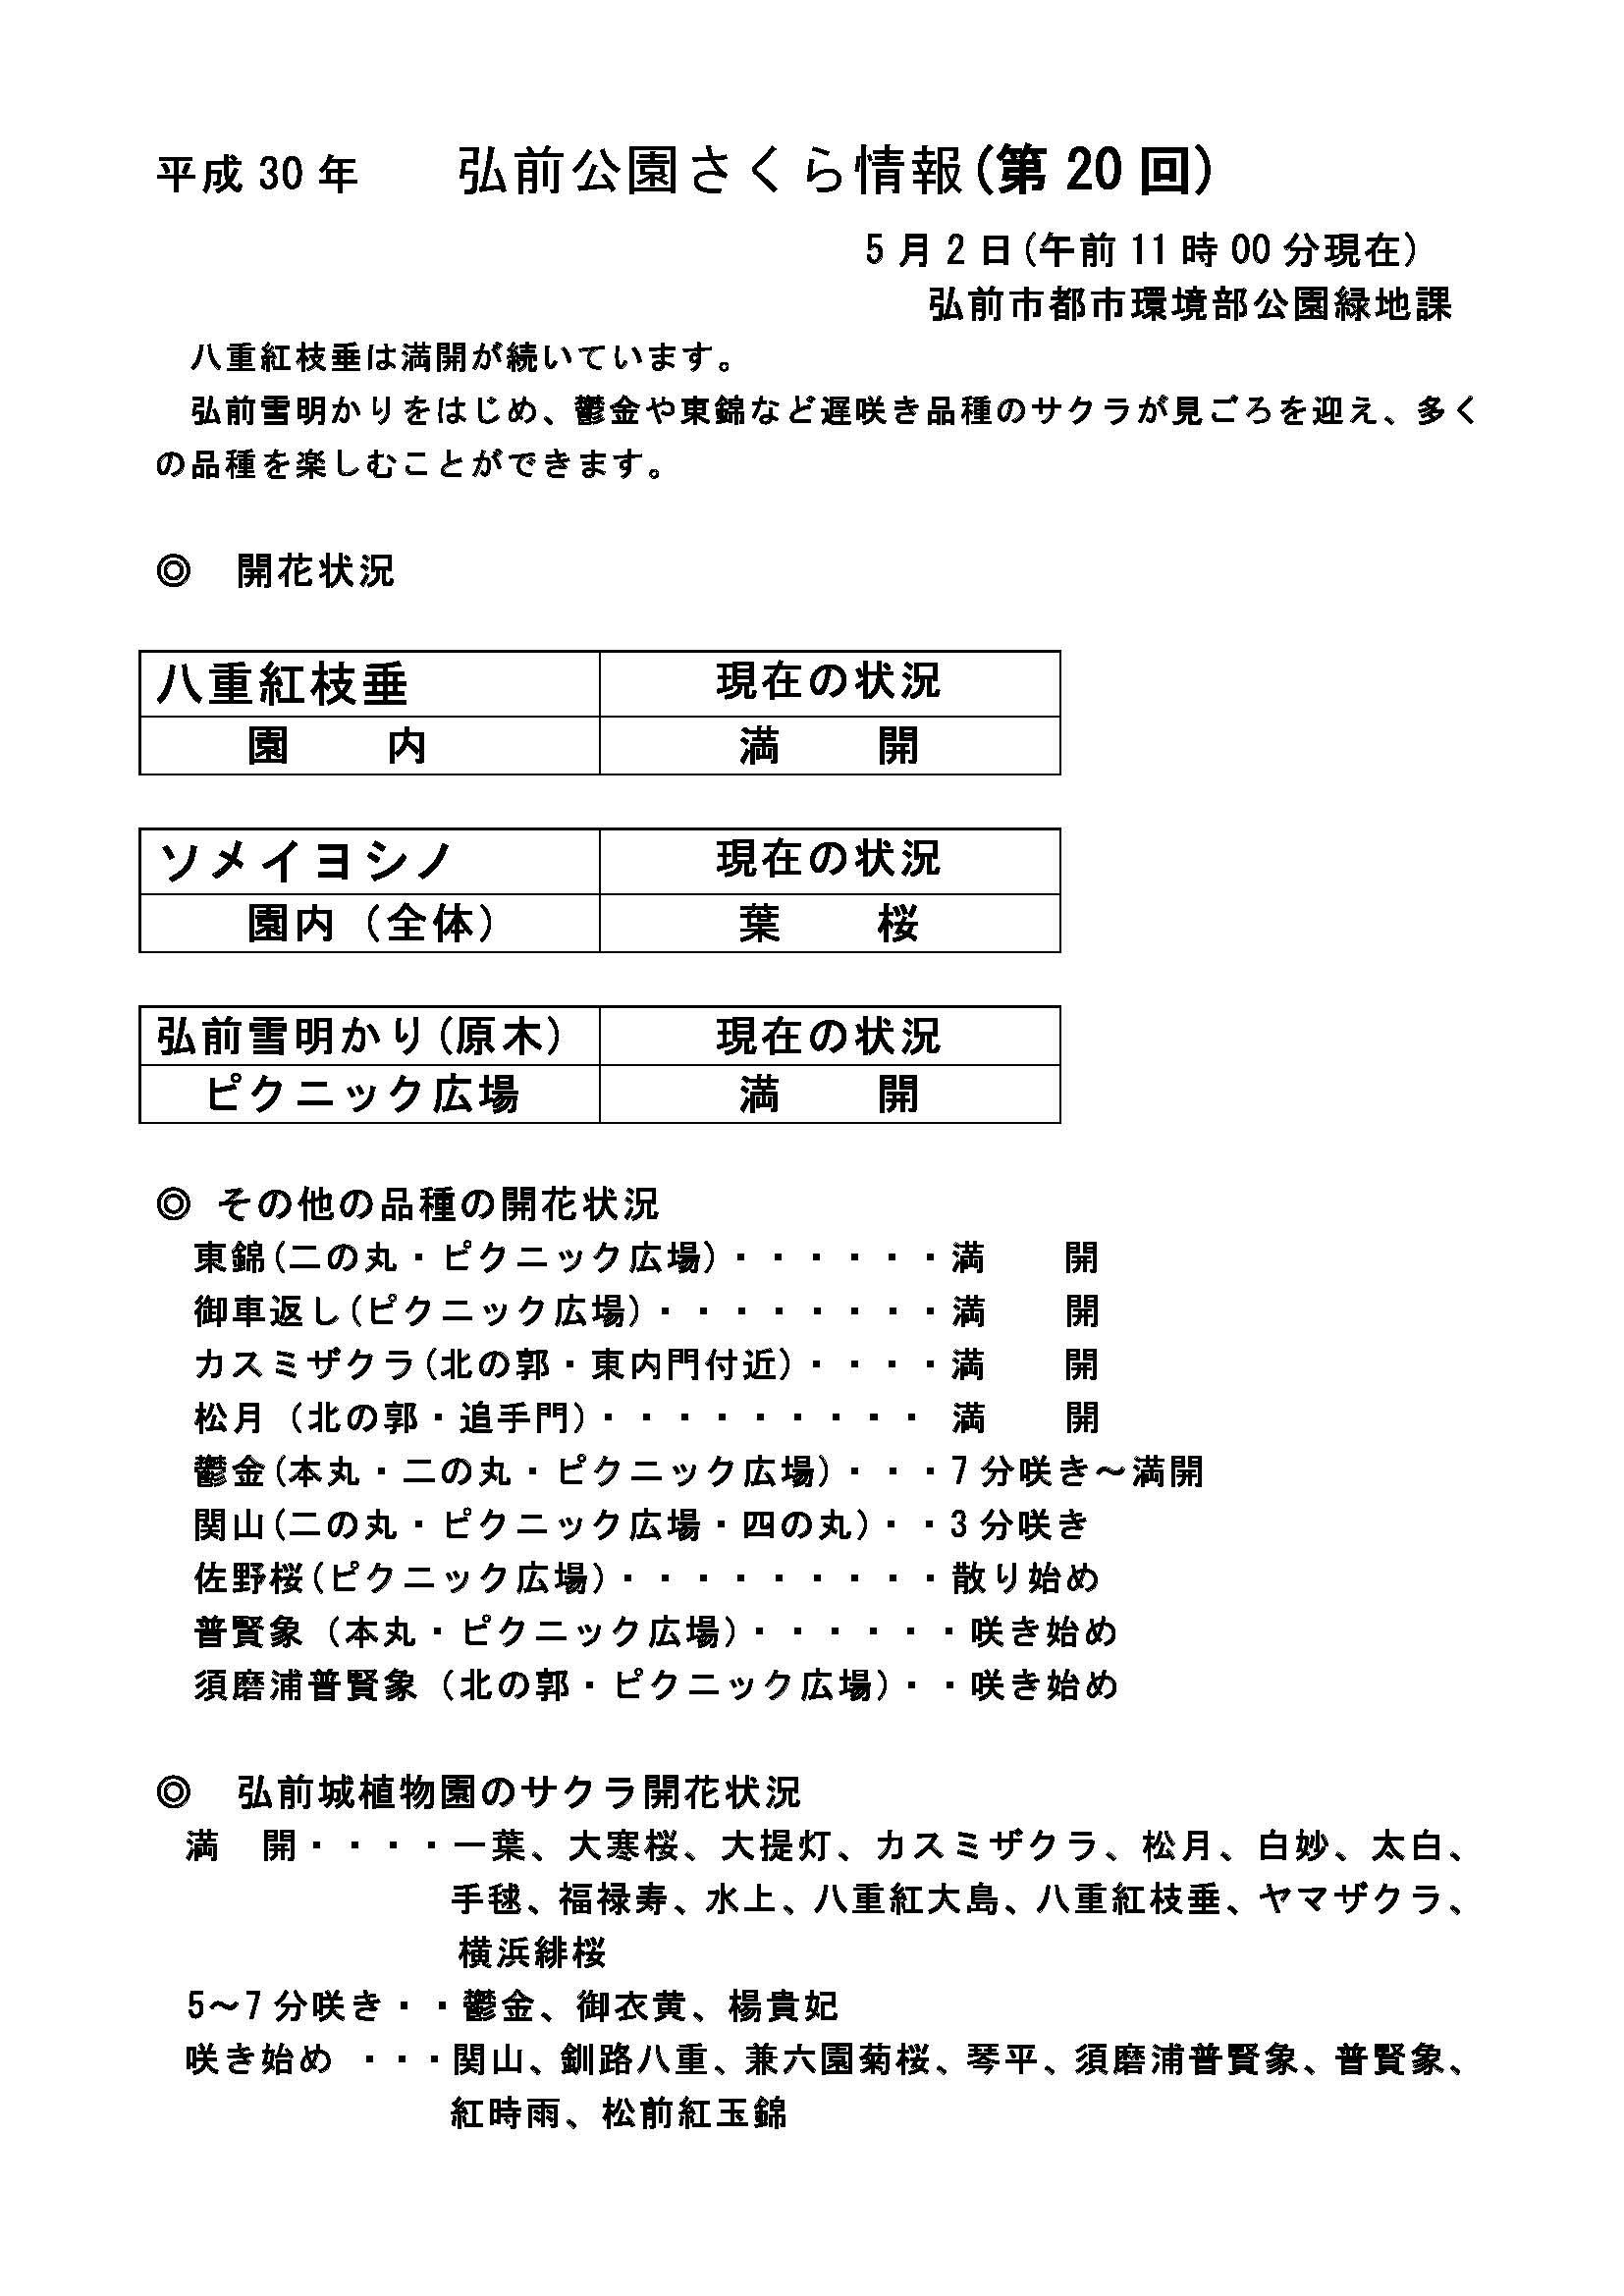 2018年5月2日付 弘前公園さくら情報【弘前公園・弘前城】